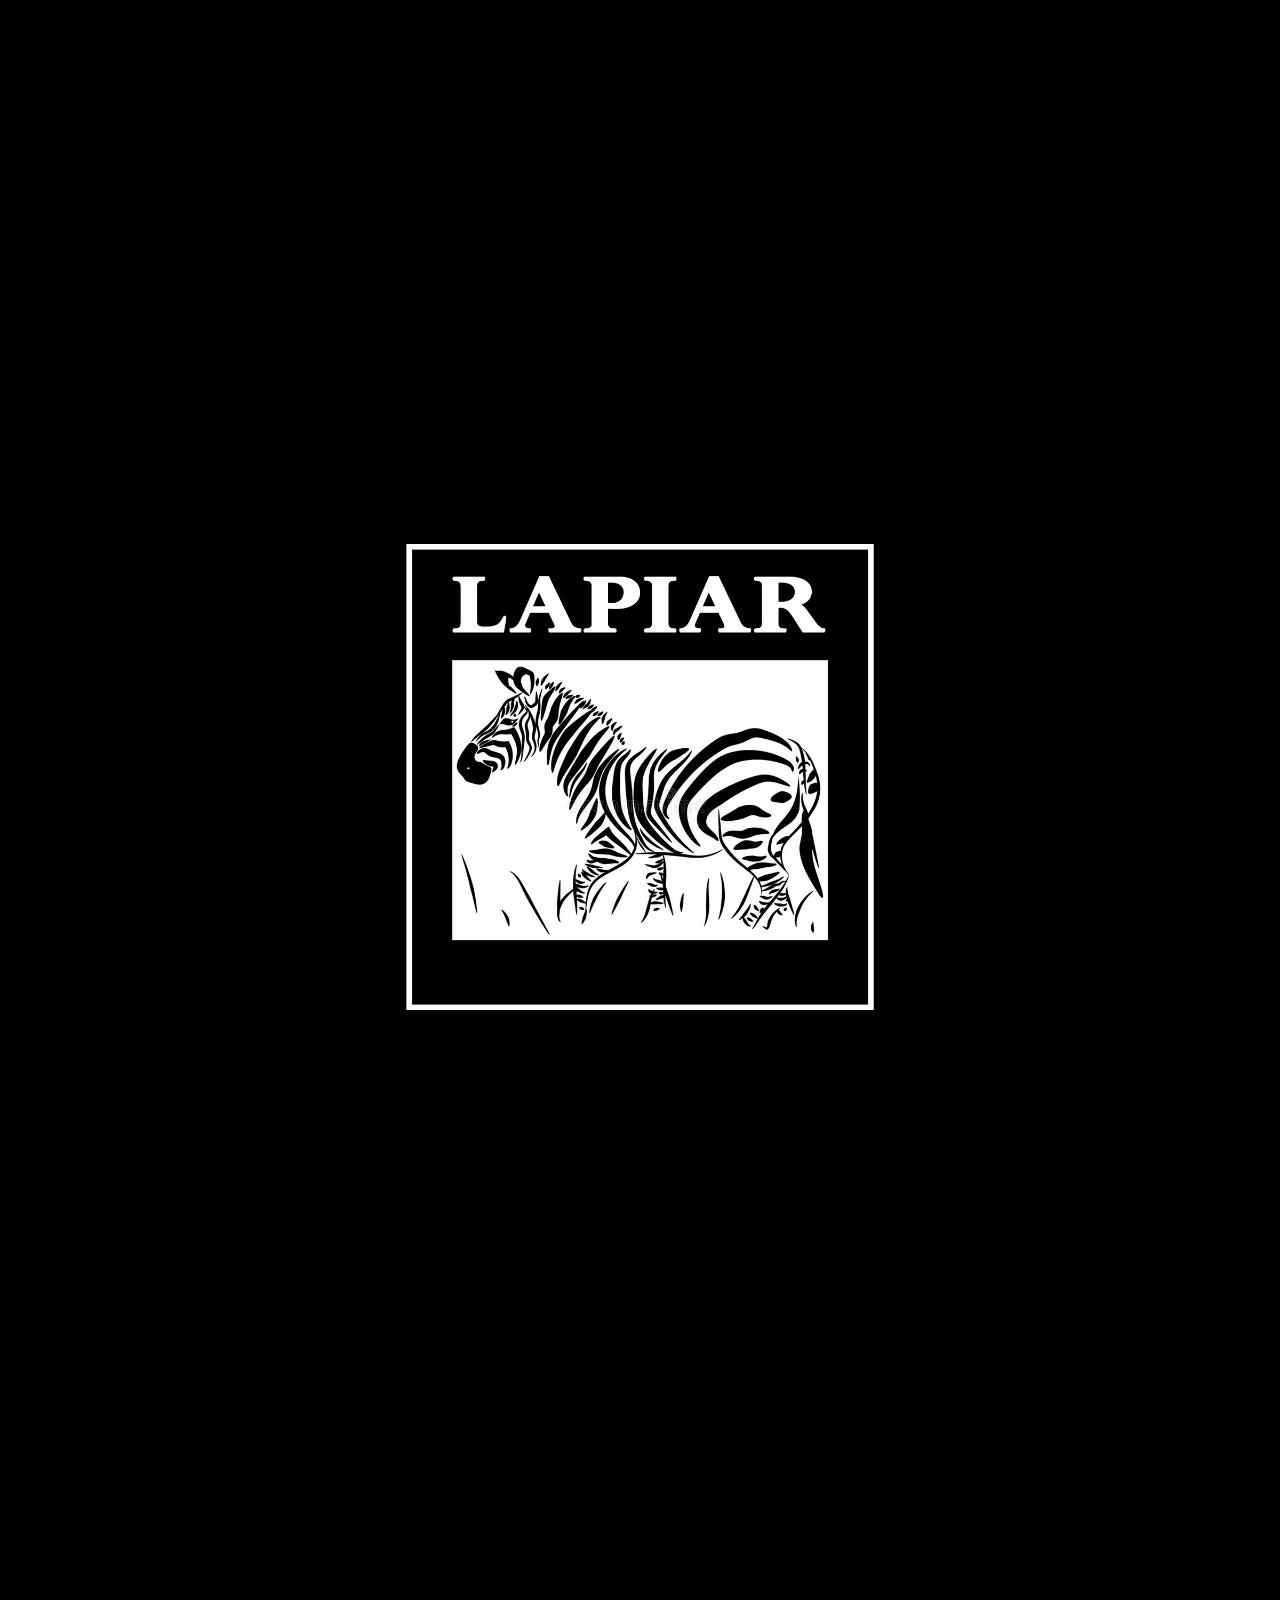 LAPIAR